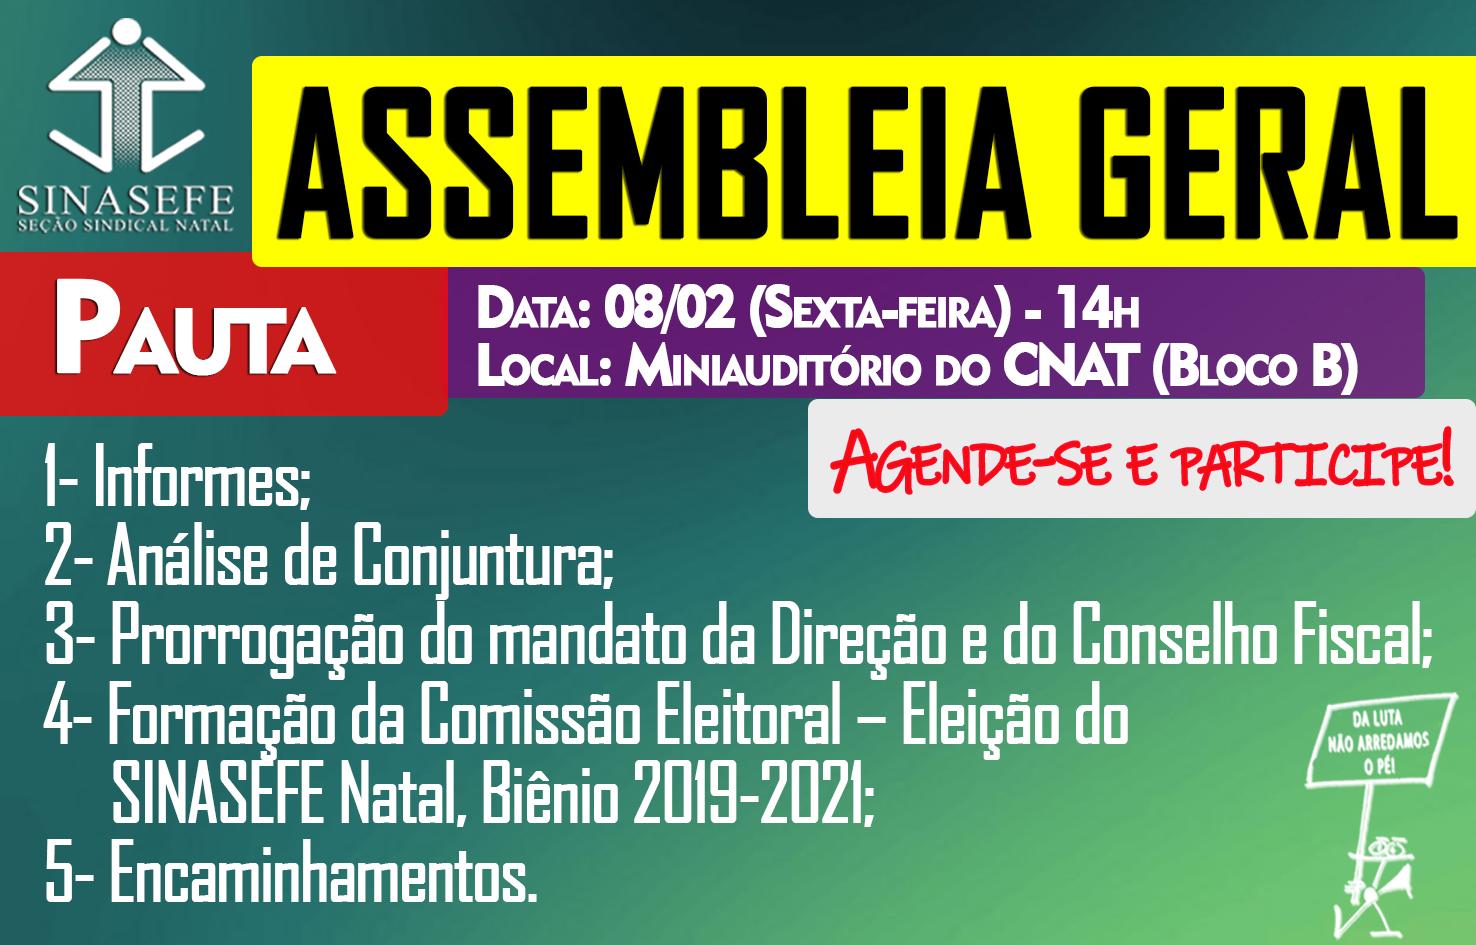 ac64c3958a Participe da Assembleia Geral que acontece na próxima sexta-feira (08 02)